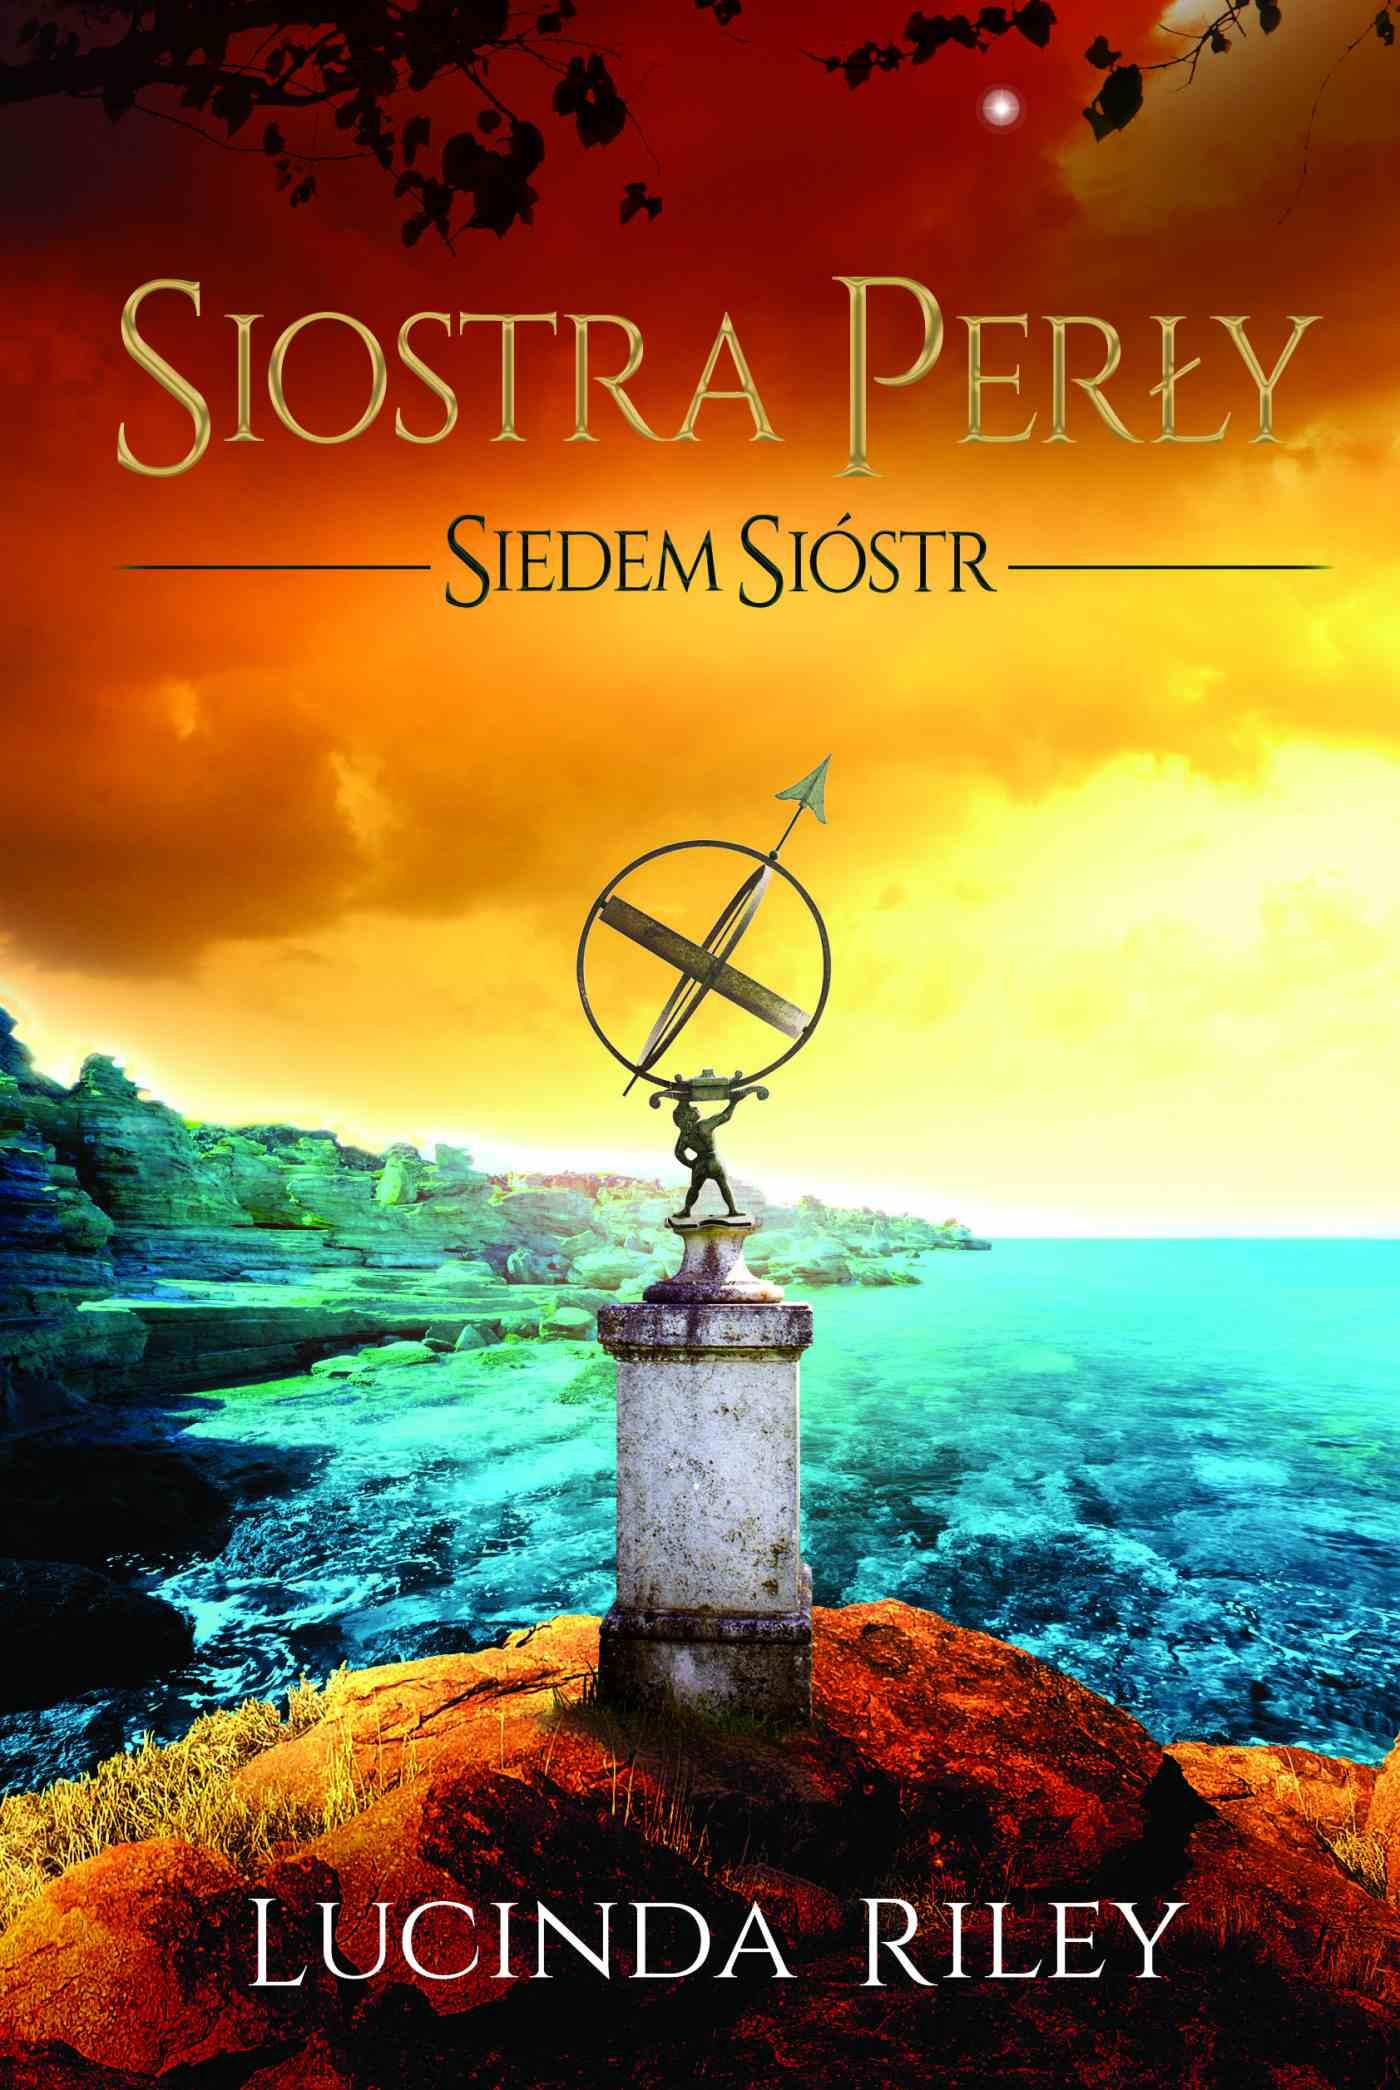 Siostra Perły - Ebook (Książka na Kindle) do pobrania w formacie MOBI